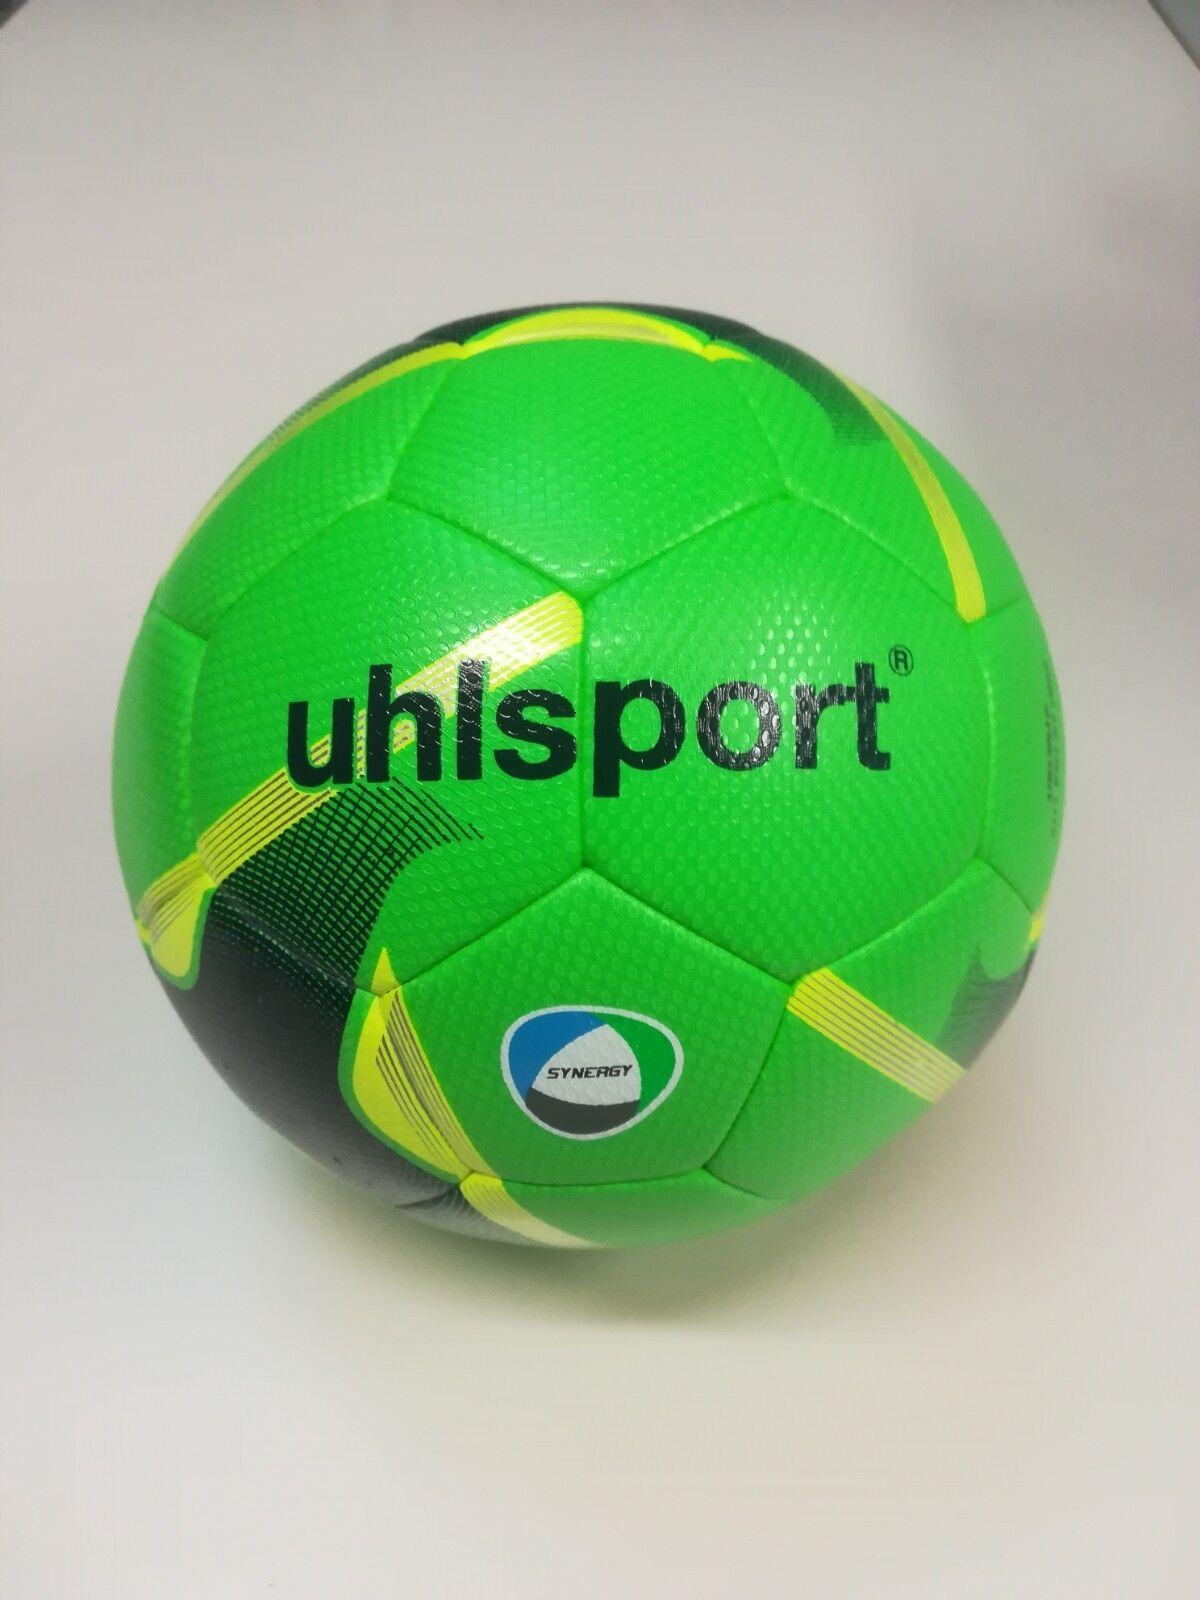 Uhlsport 290 Ultr Lite Lite Lite SYNERGY Größe 4 Ball eisblau schwarz fluo gelb 1001671  | Überlegene Qualität  5bc919